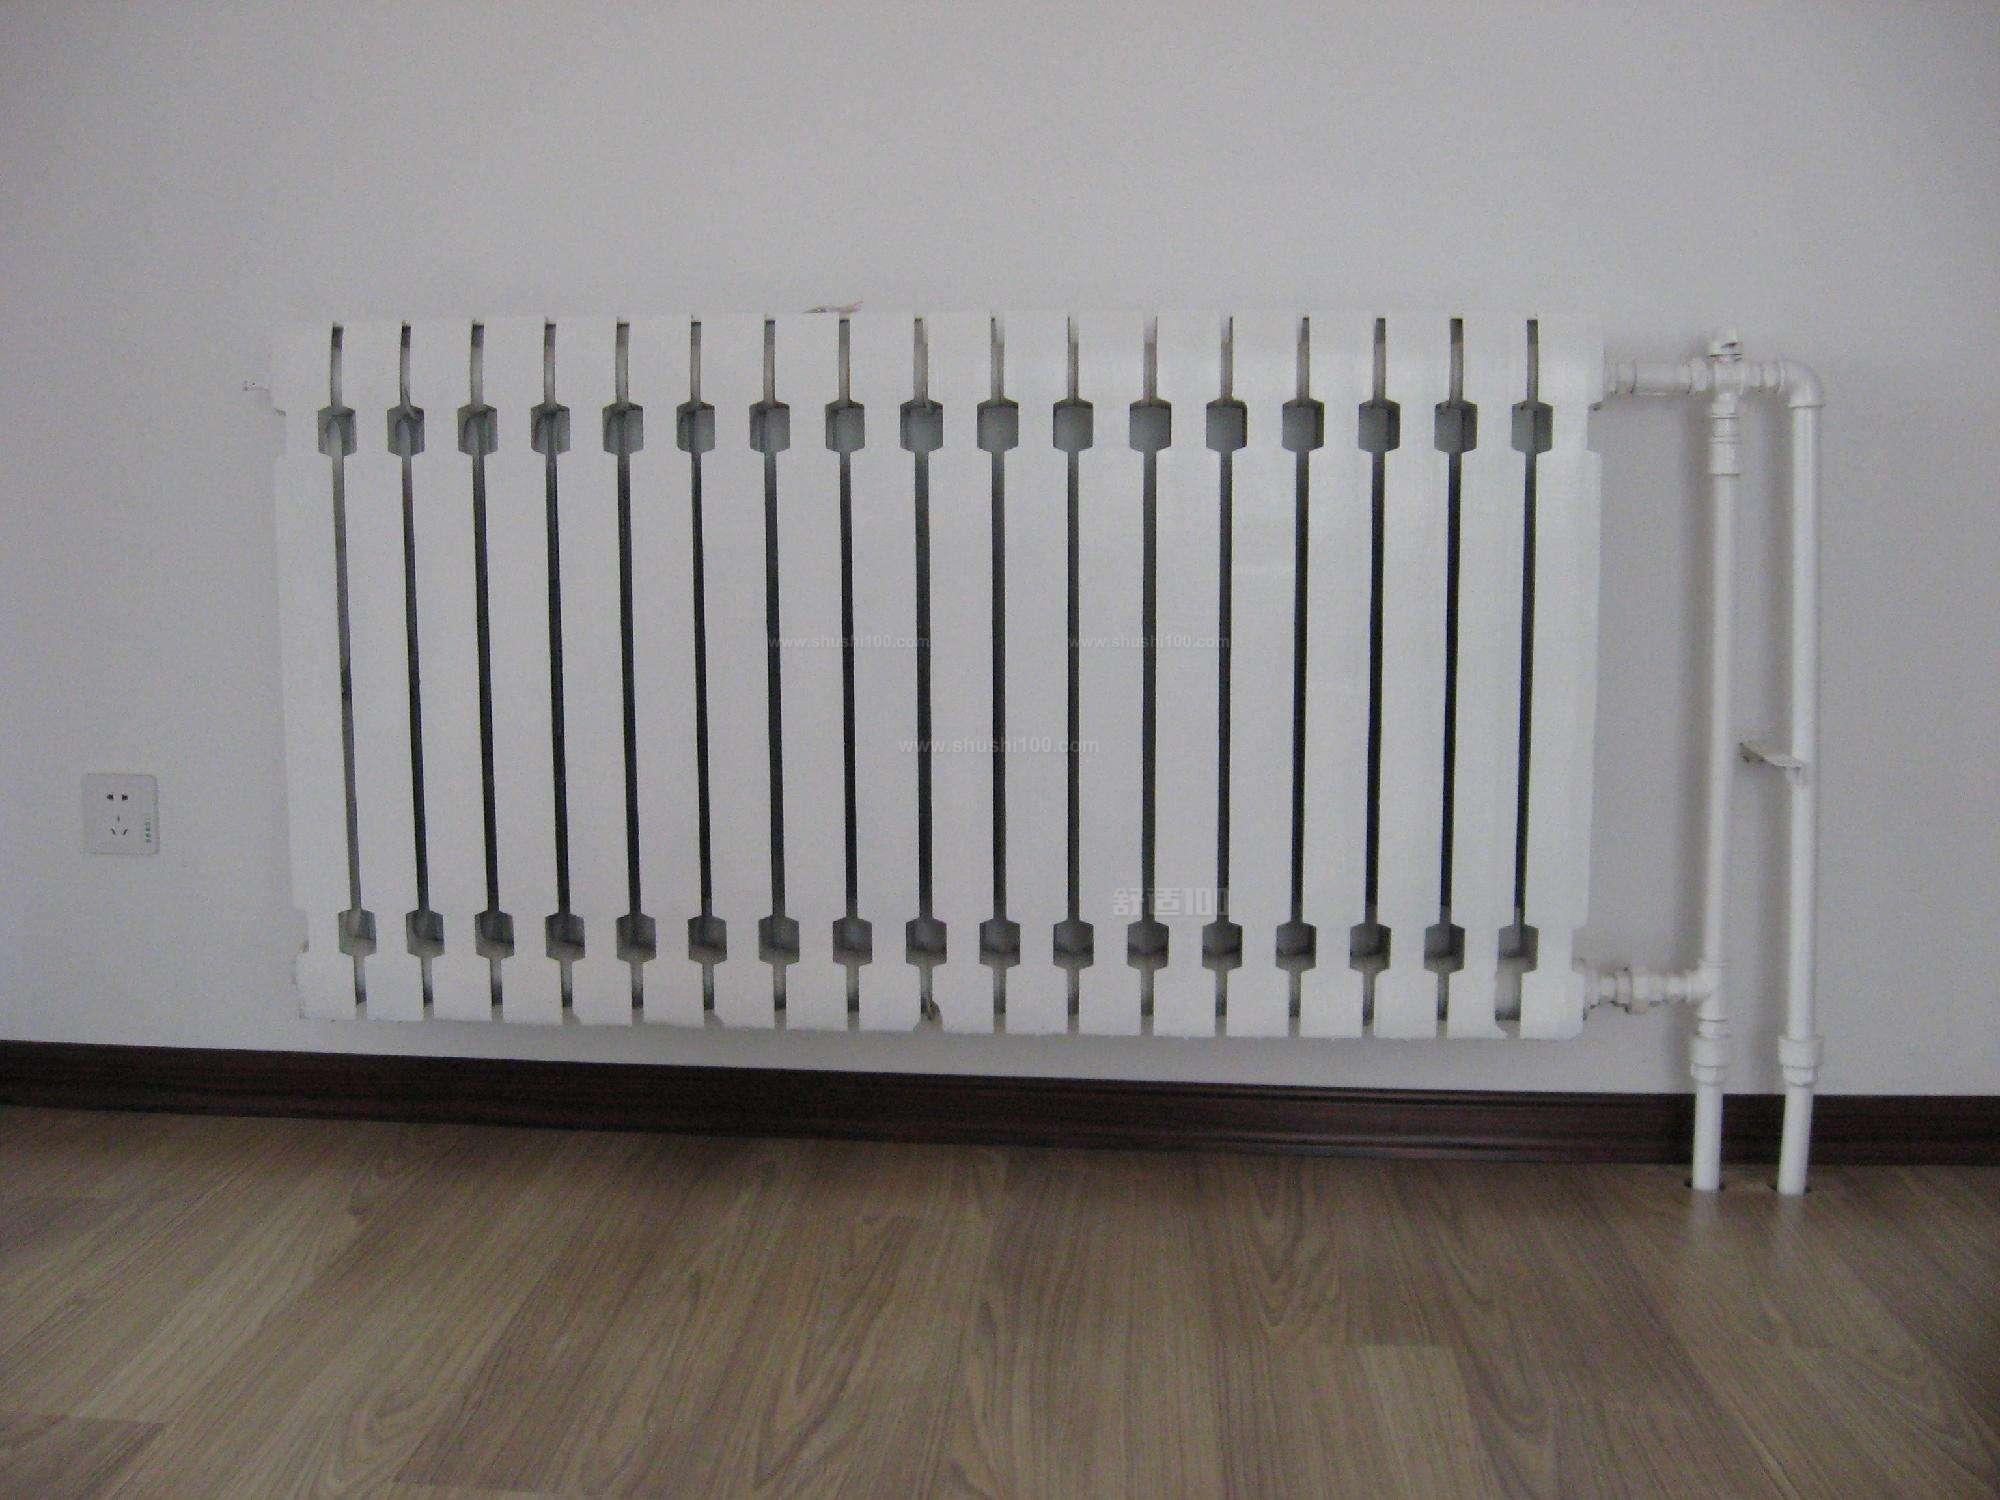 北京圣劳伦斯散热器制造有限公司是一家集研发、生产和销售于一体的专业生产新型采暖散热器的企业,并于2015年起进军管材管件市场,推出管材管件系列产品。公司自成立以来,一直以改善消费者家居生活品质为目标,始终致力于新型采暖设备的研发和制造,推行全面科学的管理,产品涵括钢制暖气片、铜铝复合暖气片、卫浴暖气片、艺术暖气片,以及PP-R管、铝塑管、地暖管、分集水器、混水系统等管材管件,形成完整的产品和服务链。